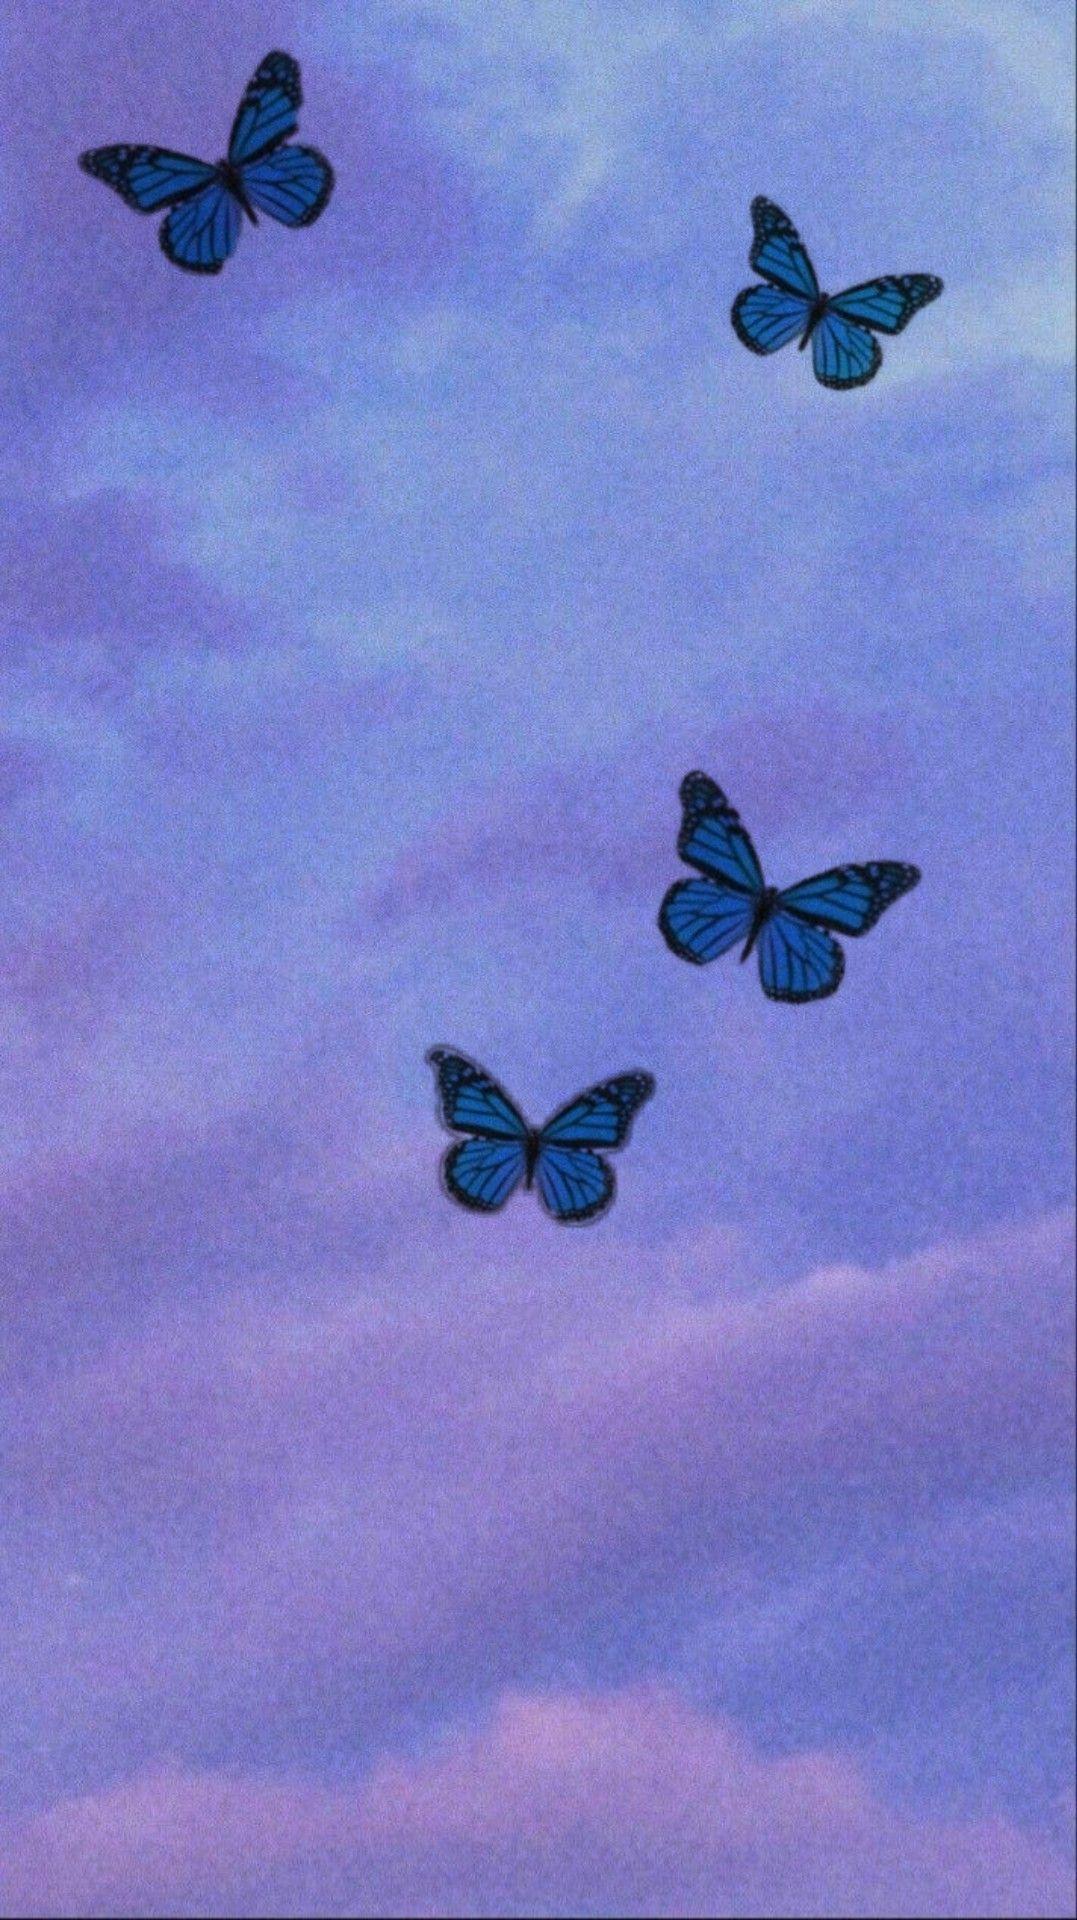 Wallpaper Butterfly In 2020 Butterfly Wallpaper Iphone Butterfly Wallpaper Iphone Wallpaper Tumblr Aesthetic